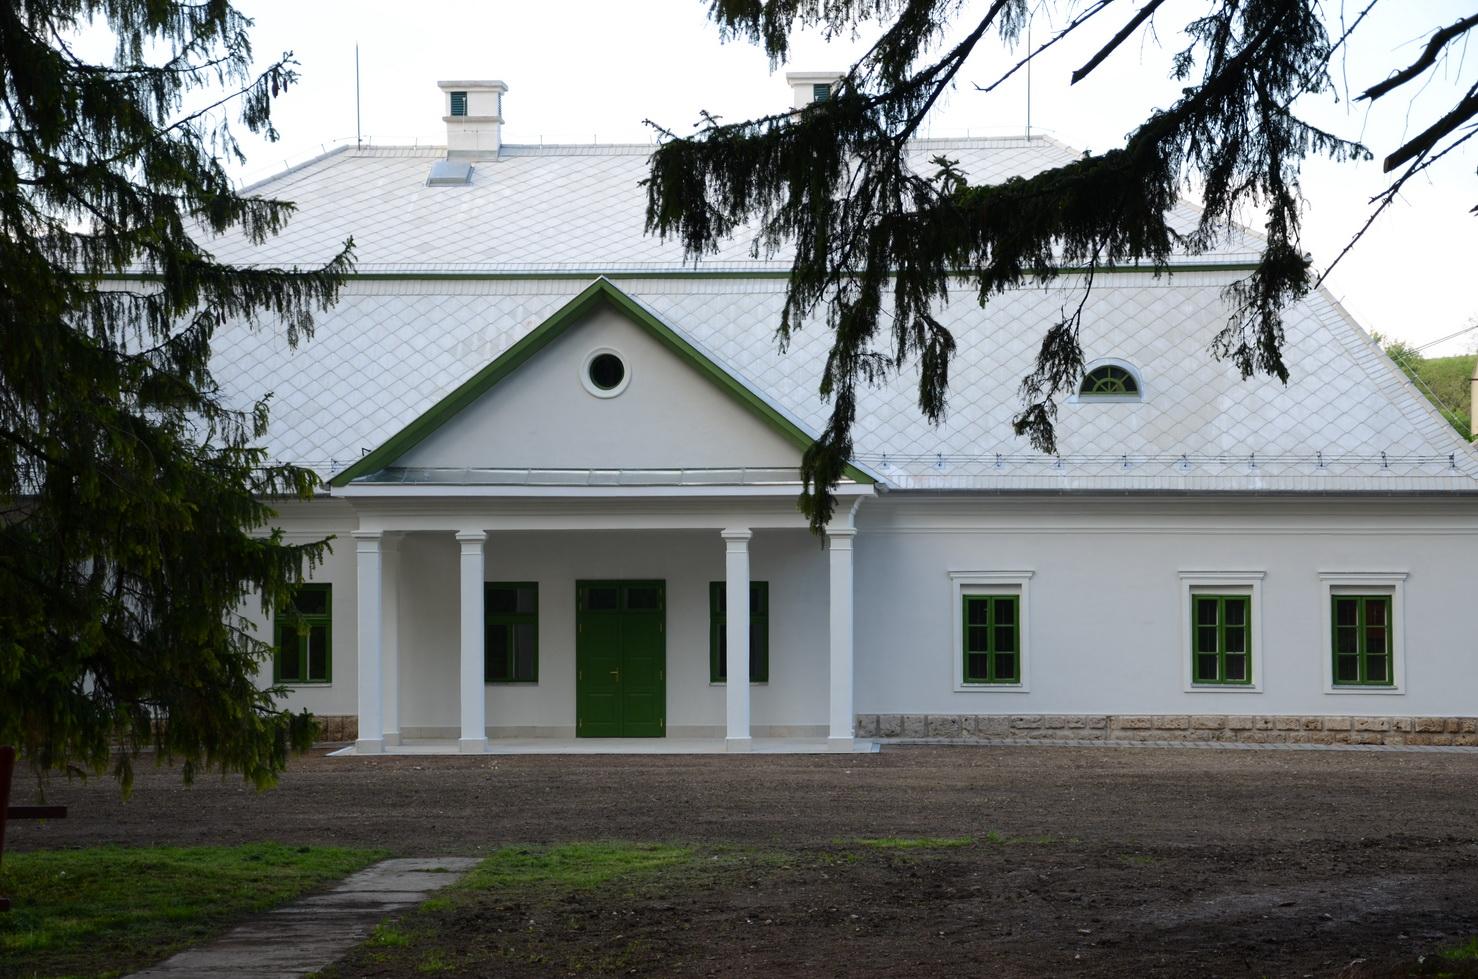 A műemléki védettség alatt álló mónosbéli Szabó-kúria rekonstrukciója